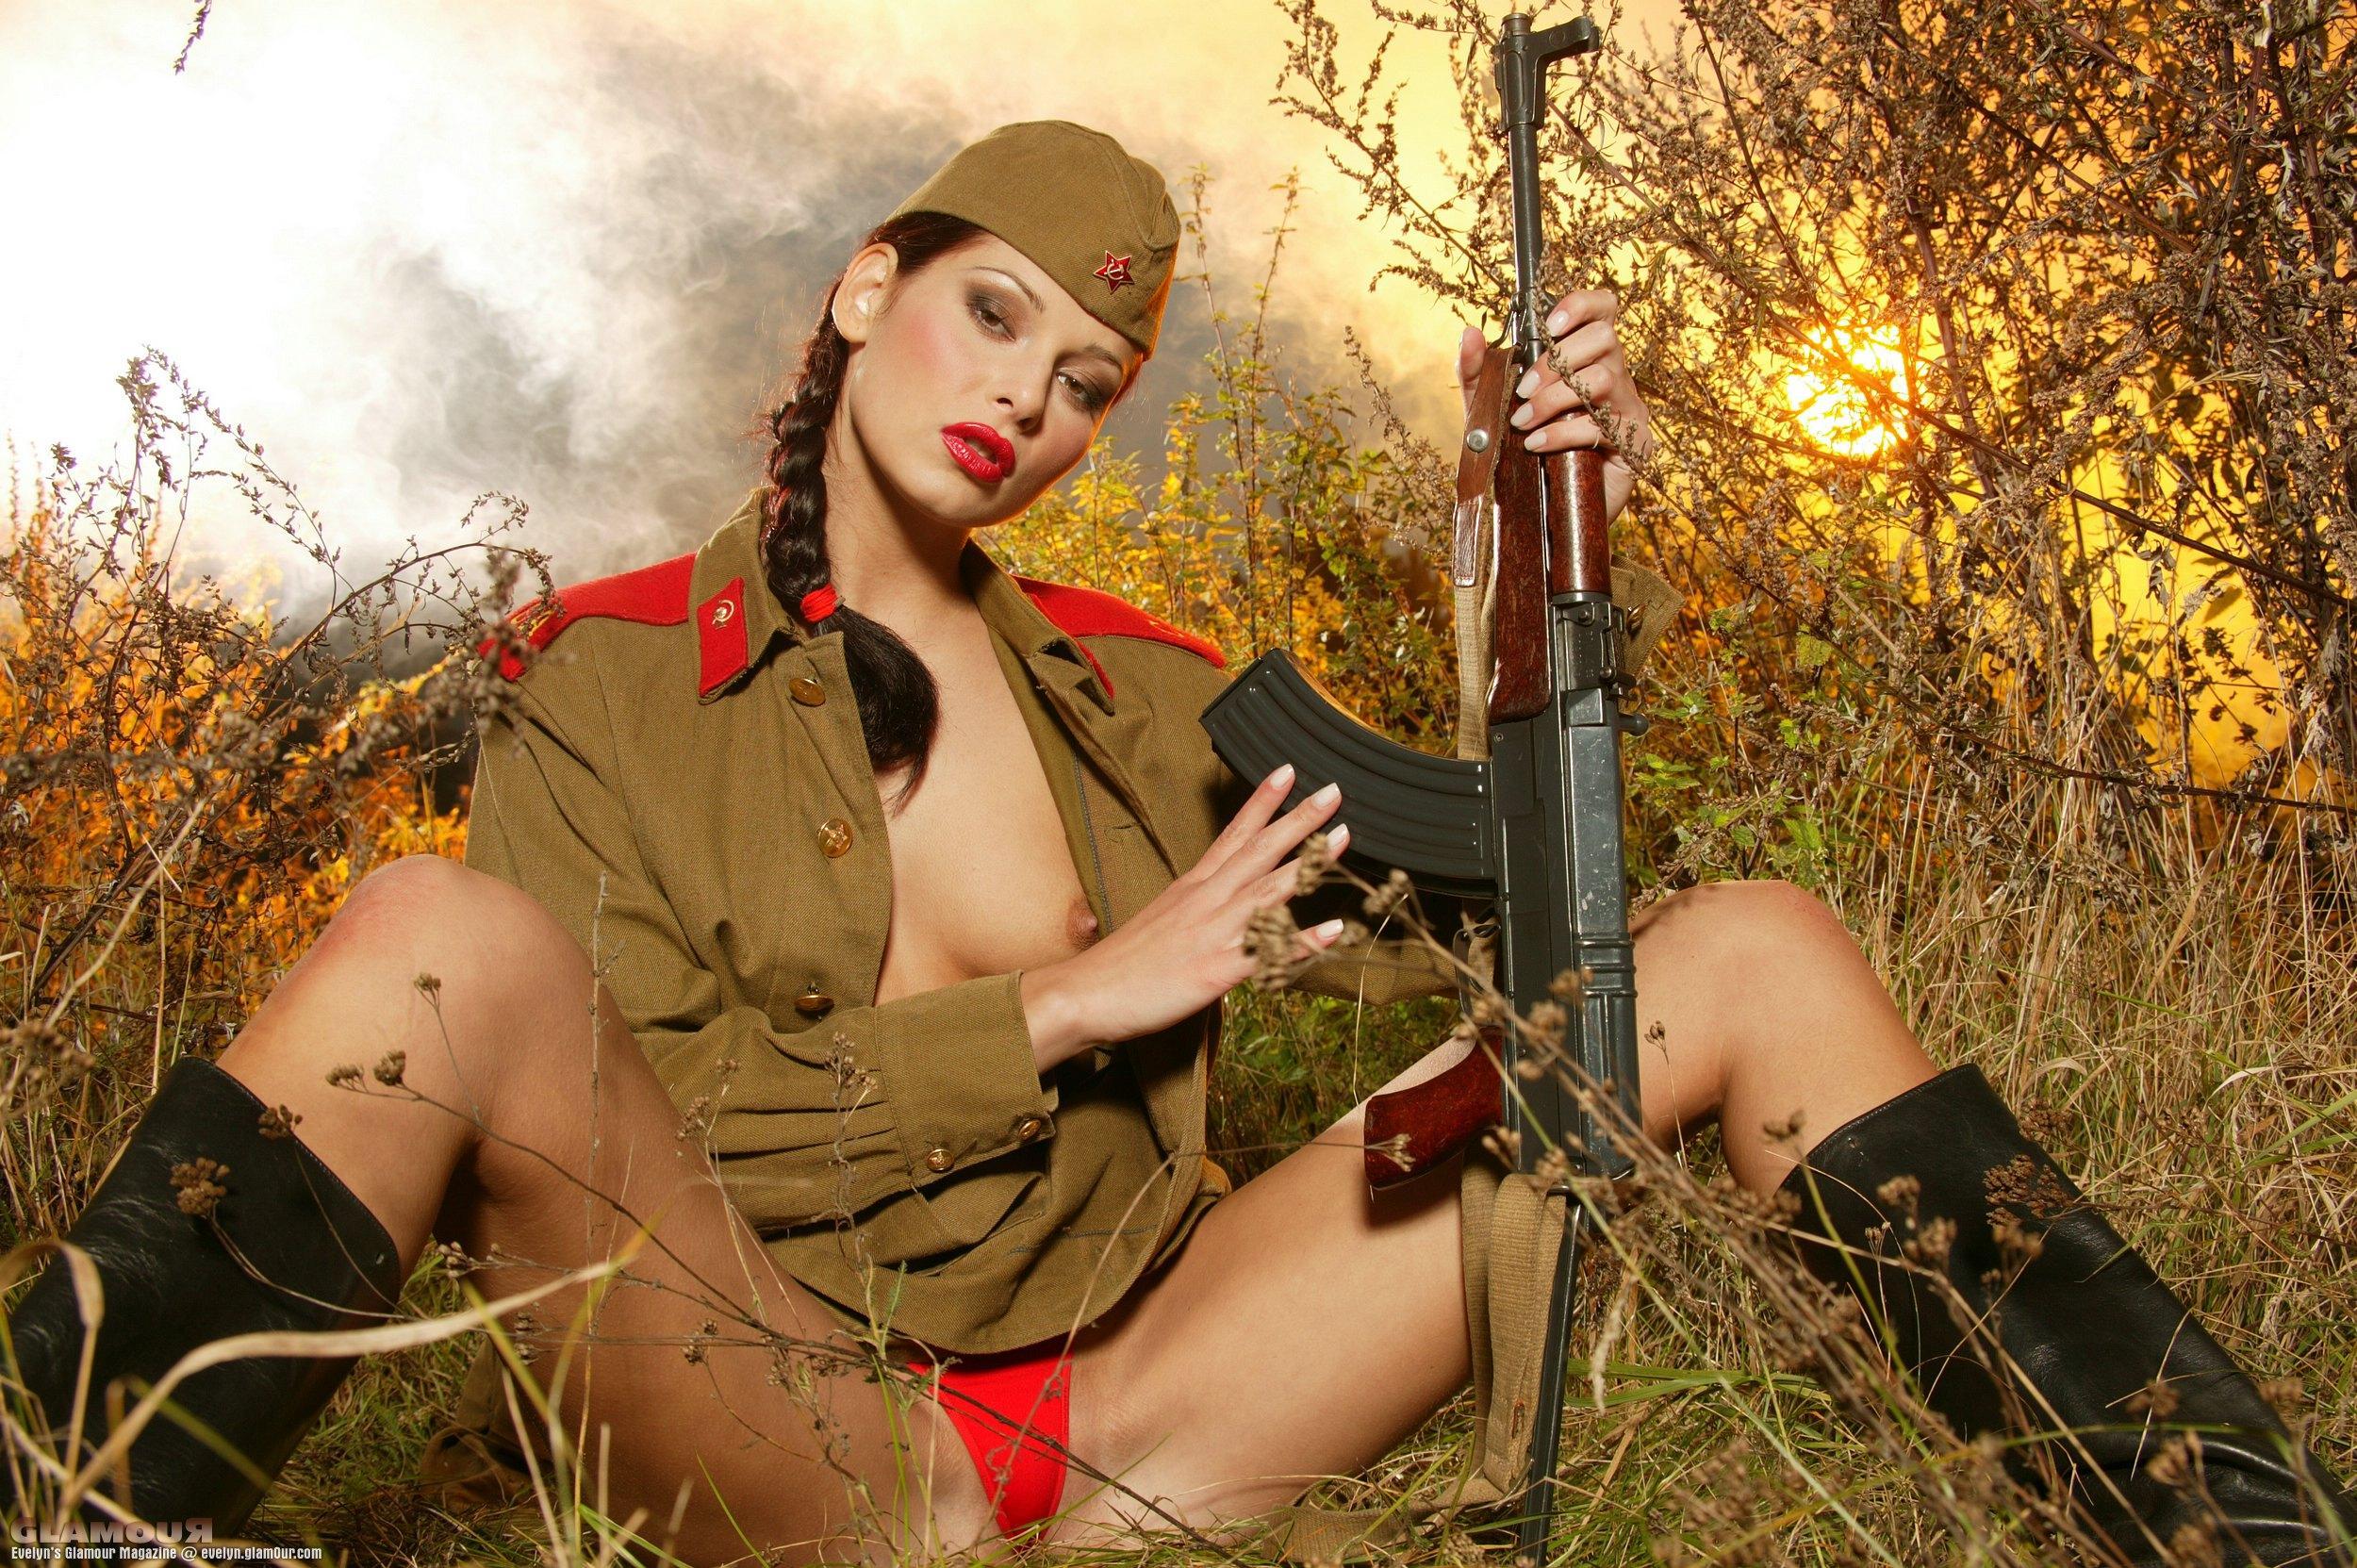 Фото голых девушек форме вооруженных сил россии зимние время #8